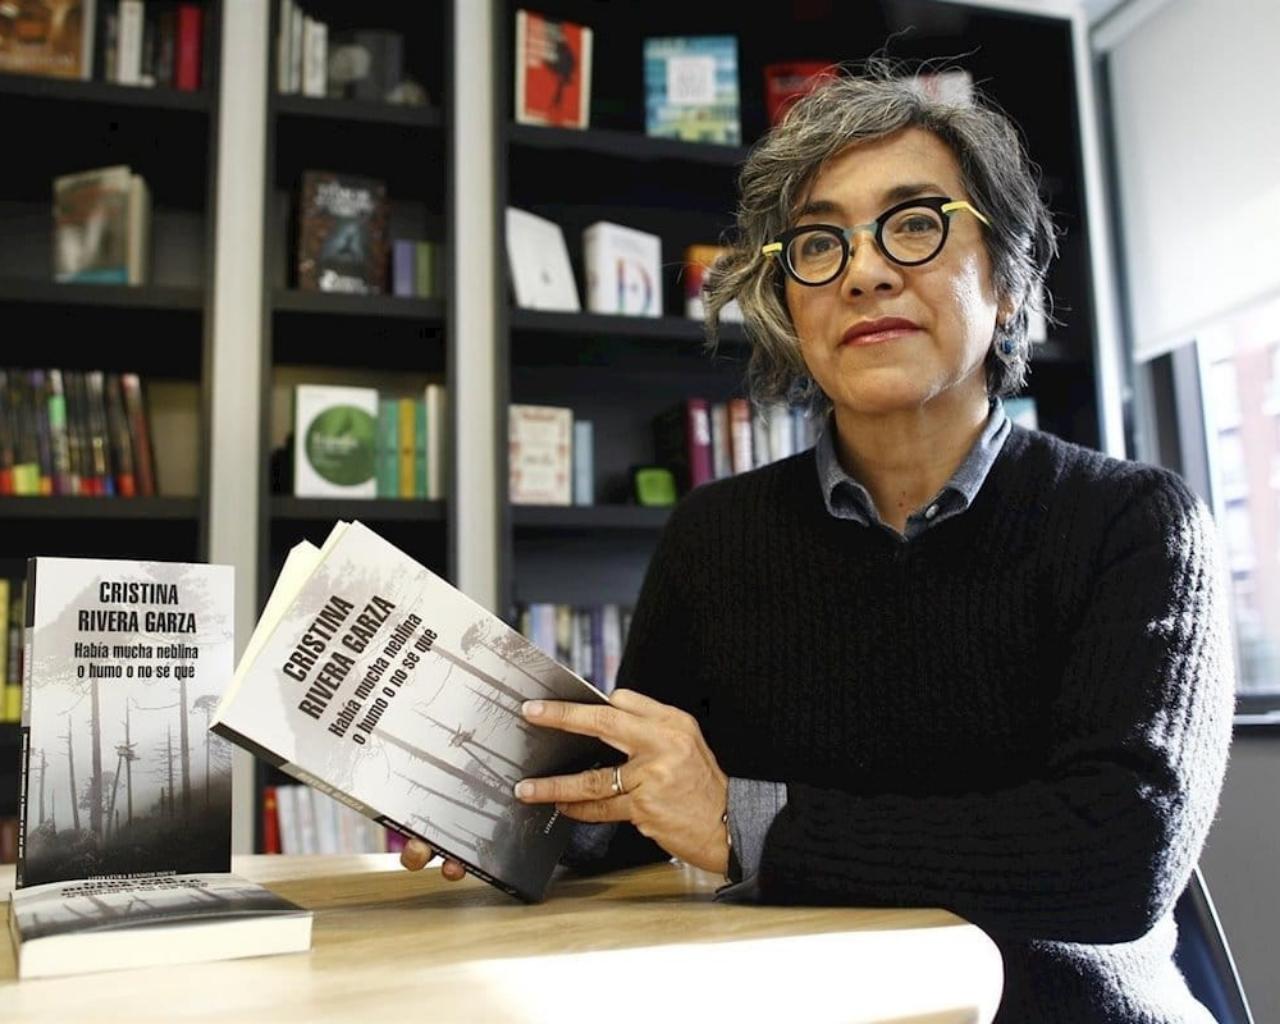 Escritora Cristina Rivera Garza es la ganadora del Premio Iberoamericano de Letras José Donoso 2021